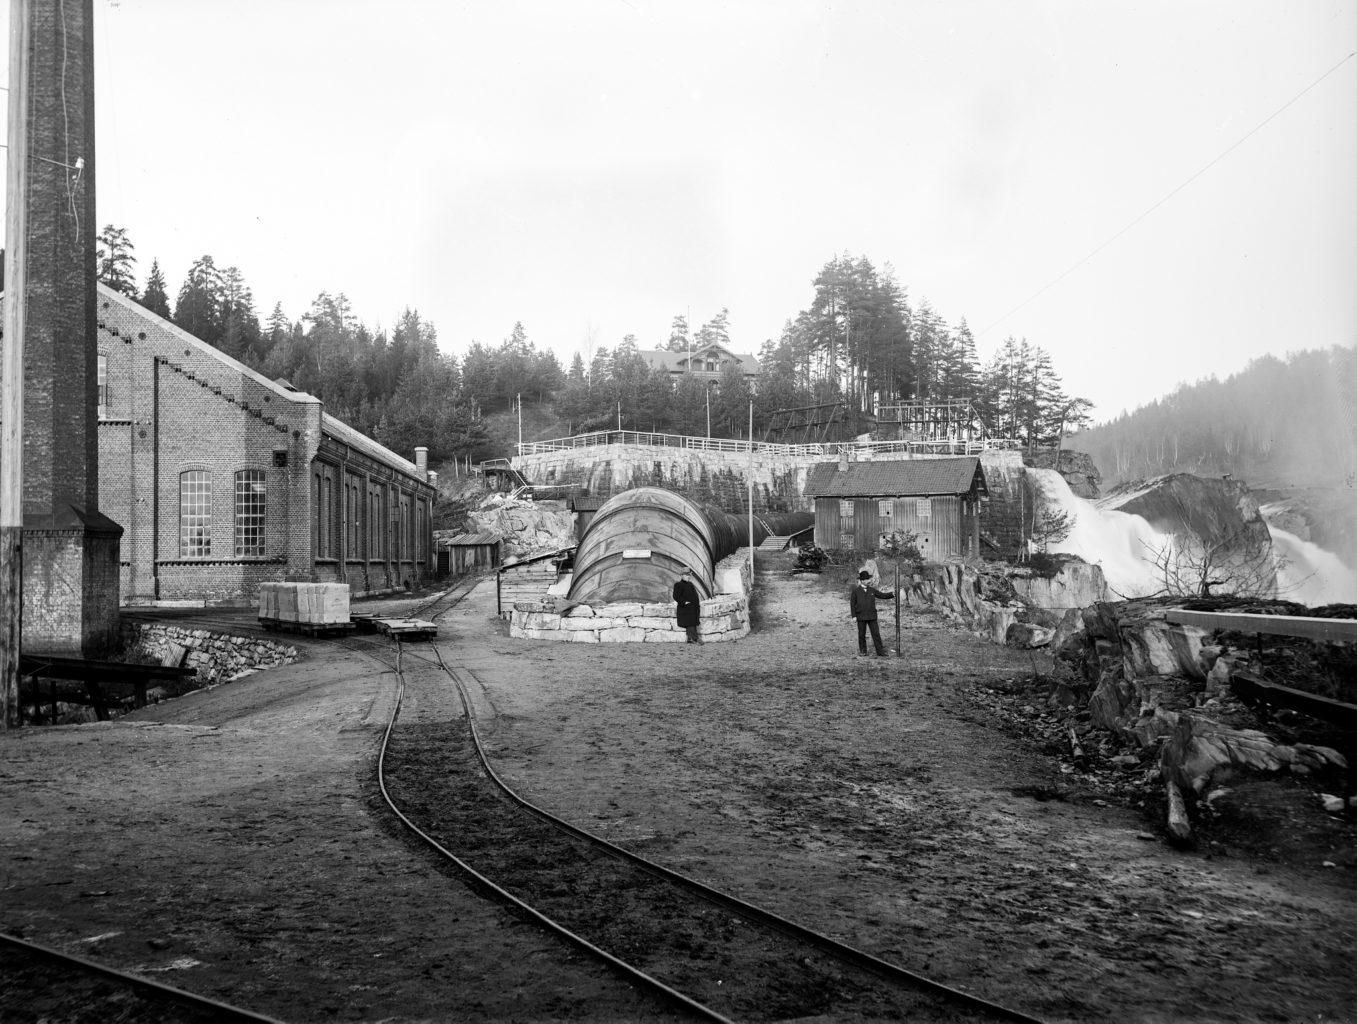 PÅ HISTORISK GRUNN: Telemarksgalleriet og Verdensarvsenteret på Notodden har tilhold i det gamle tresliperiet til Tinfos Papirfabrik, som ble oppført i 1898. (Foto: Tinfos/NIA).